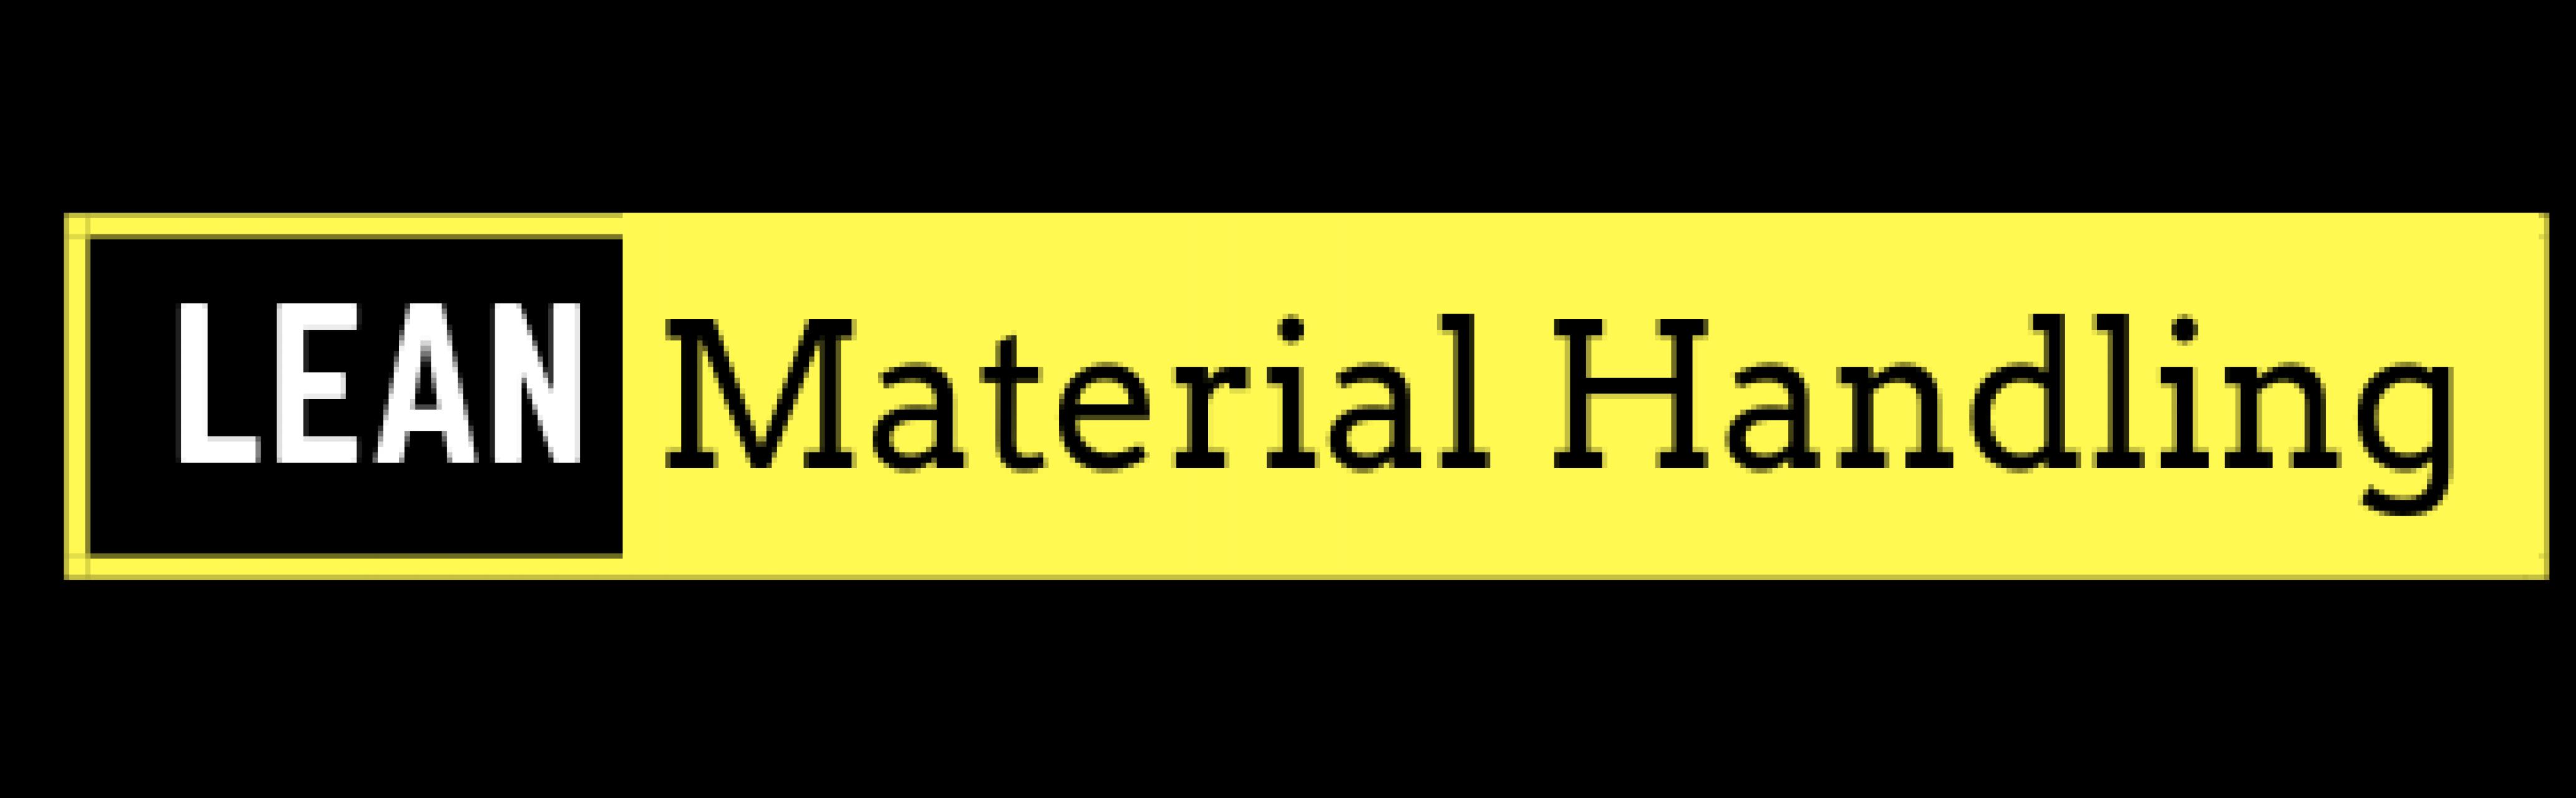 Lean Material Handling